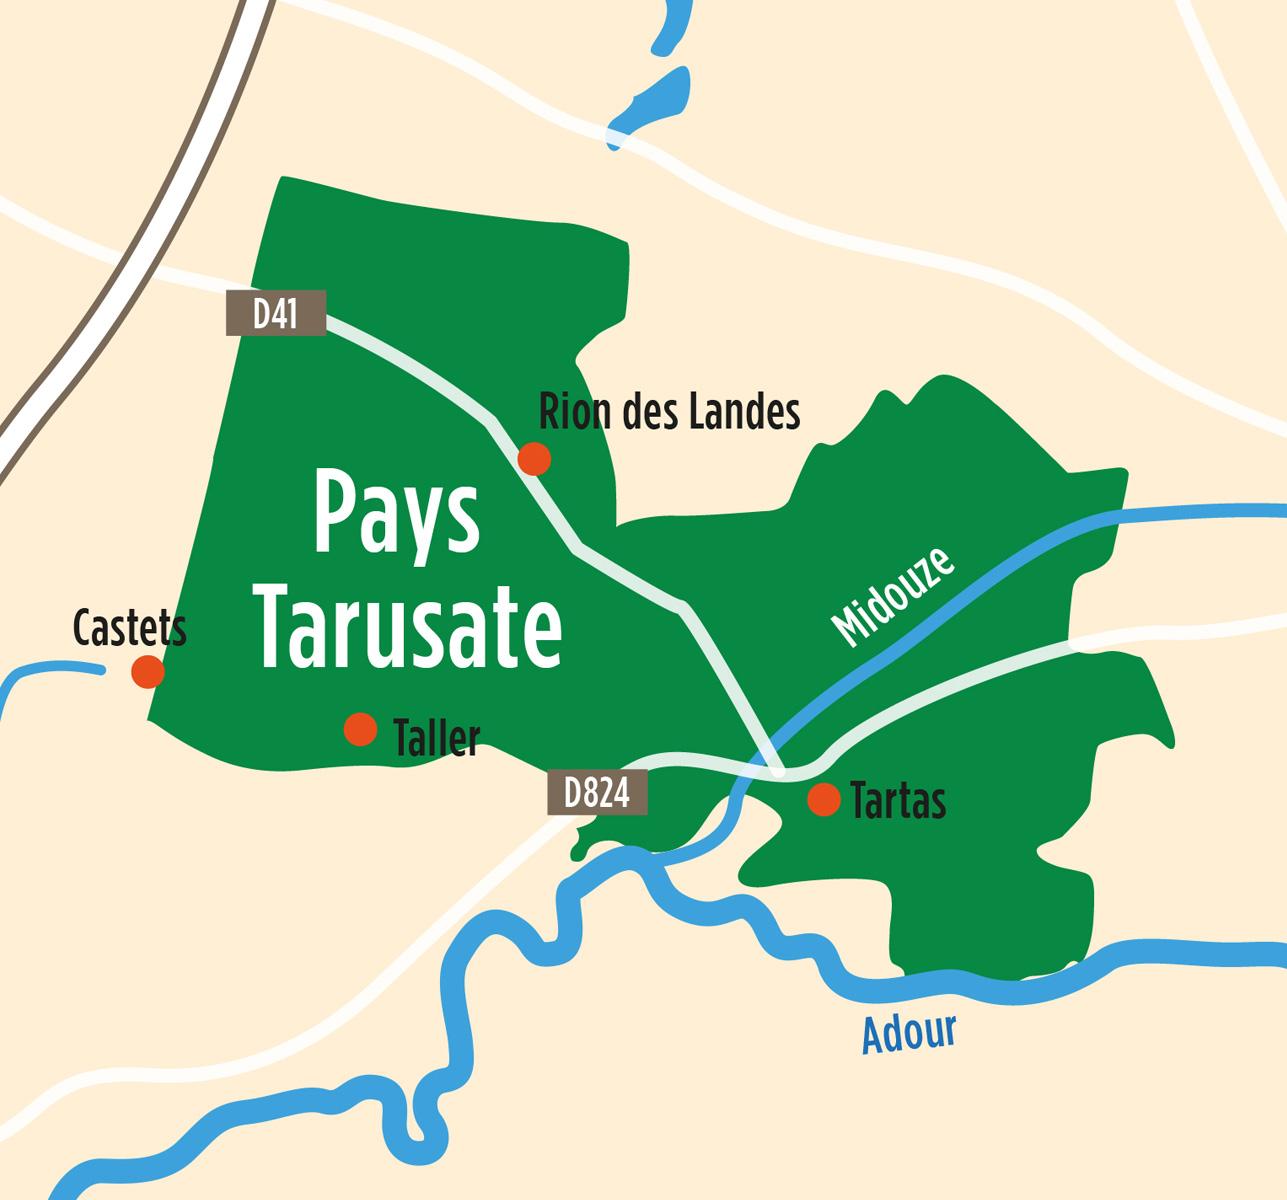 Pays Tarusade